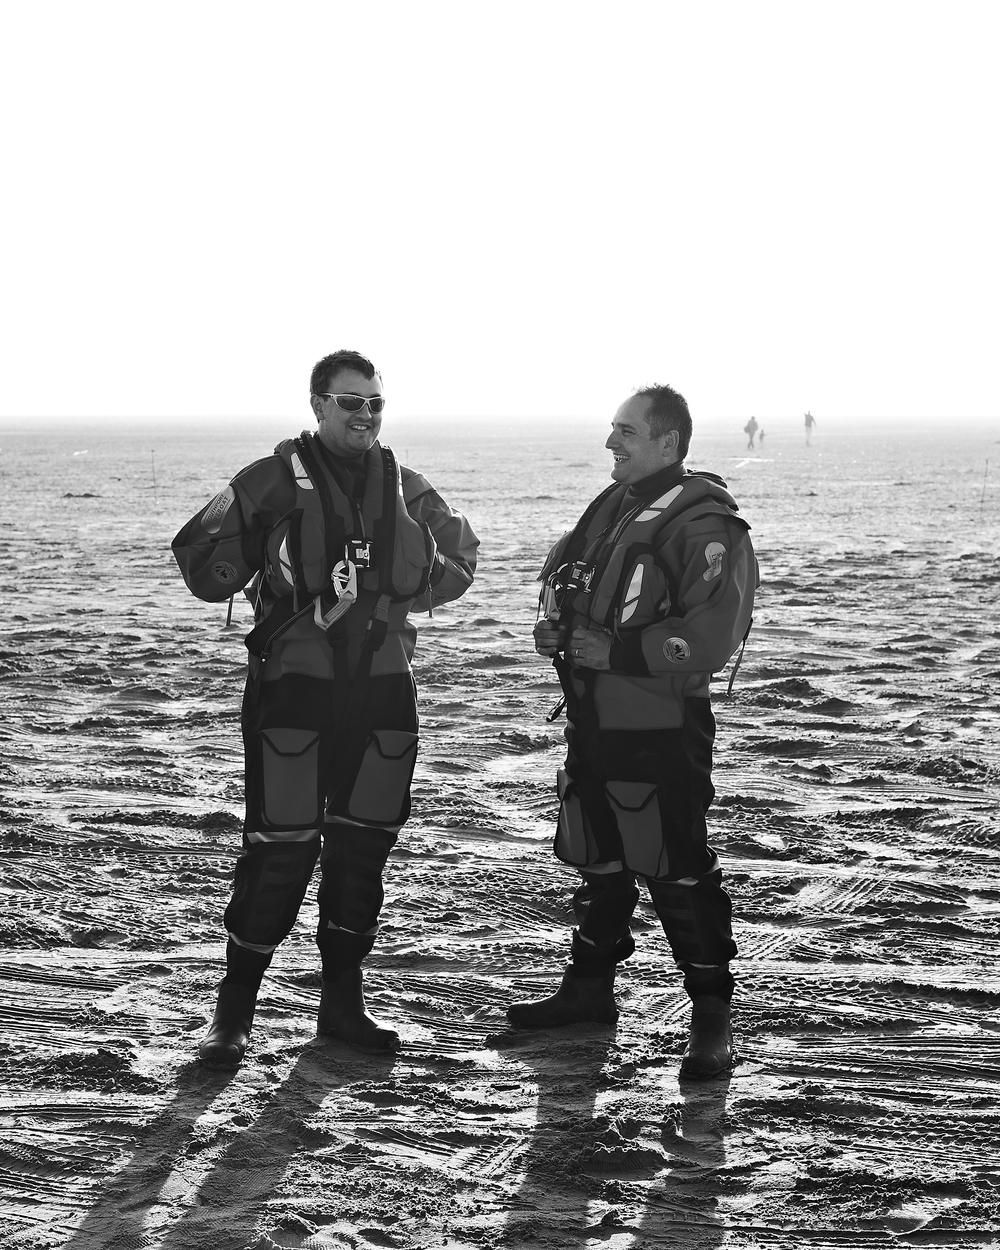 Jun 06 2013_lifeboats569.jpg